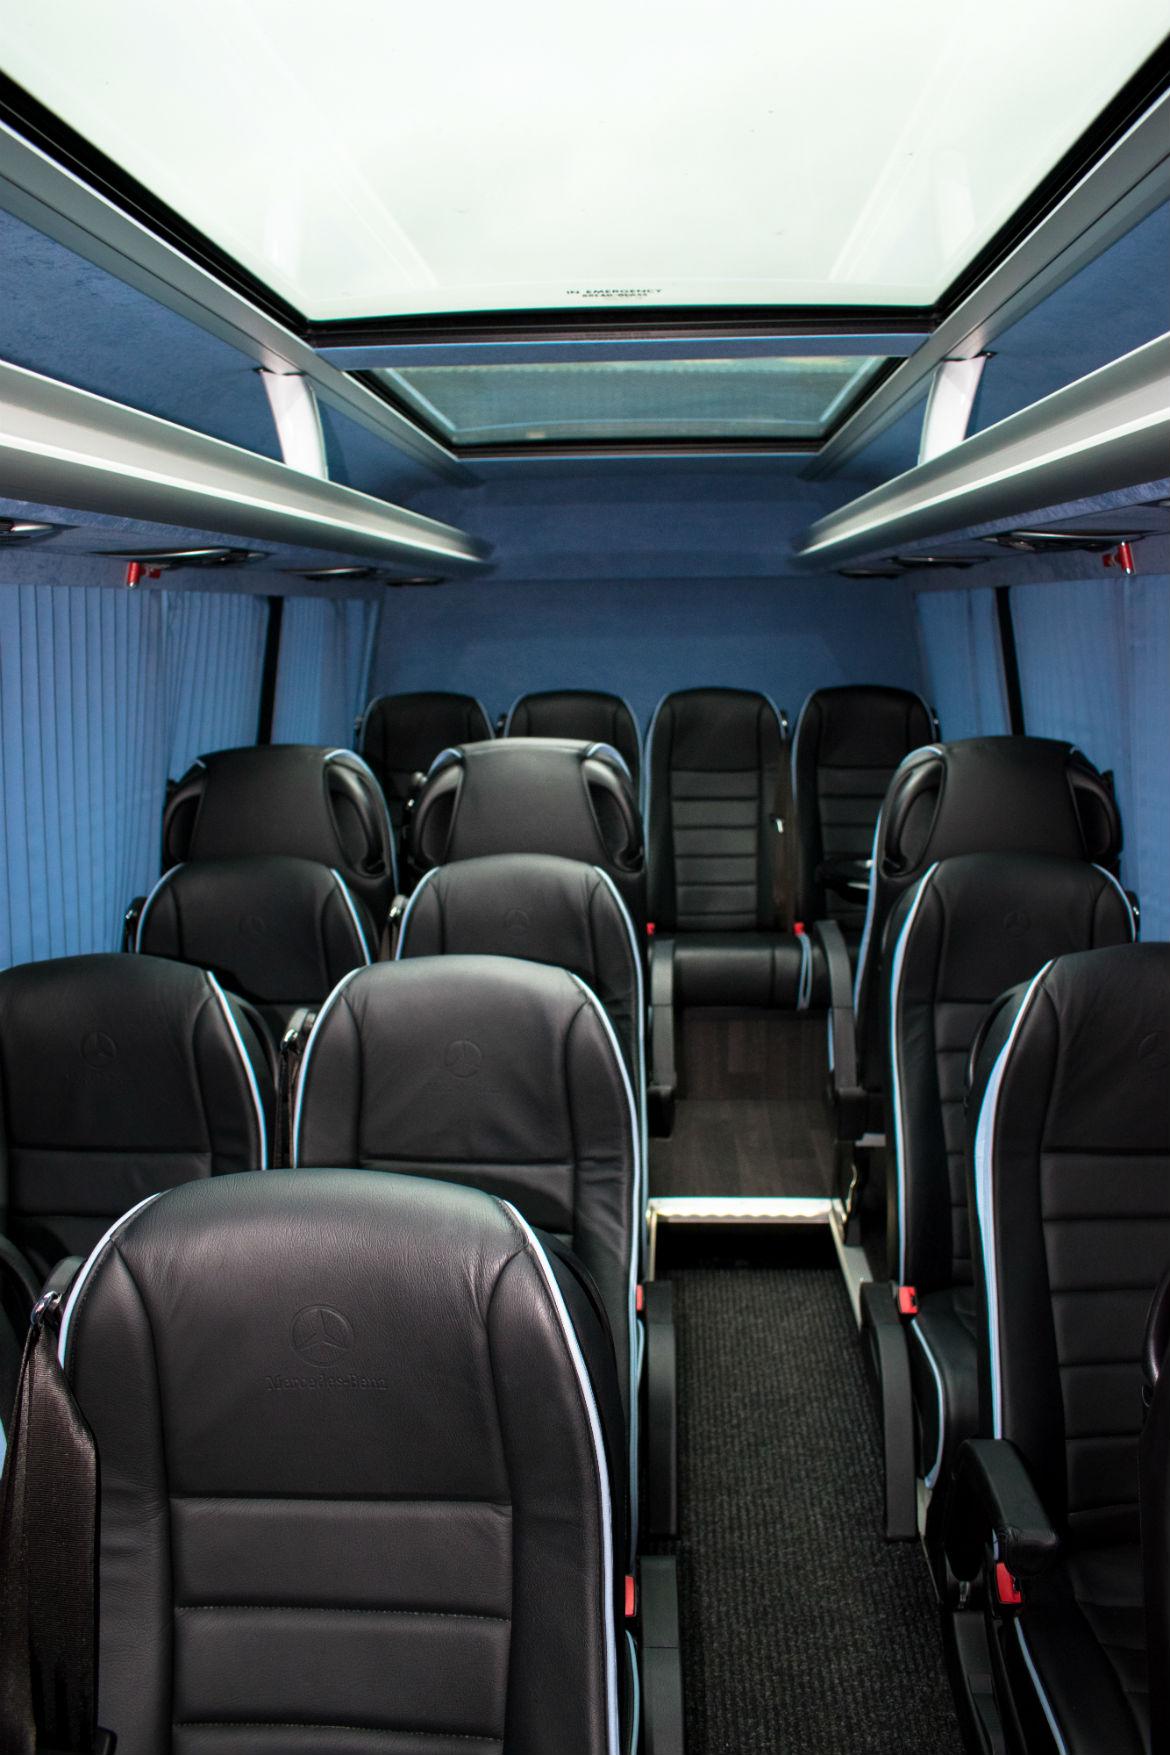 17 Bus Interior 3